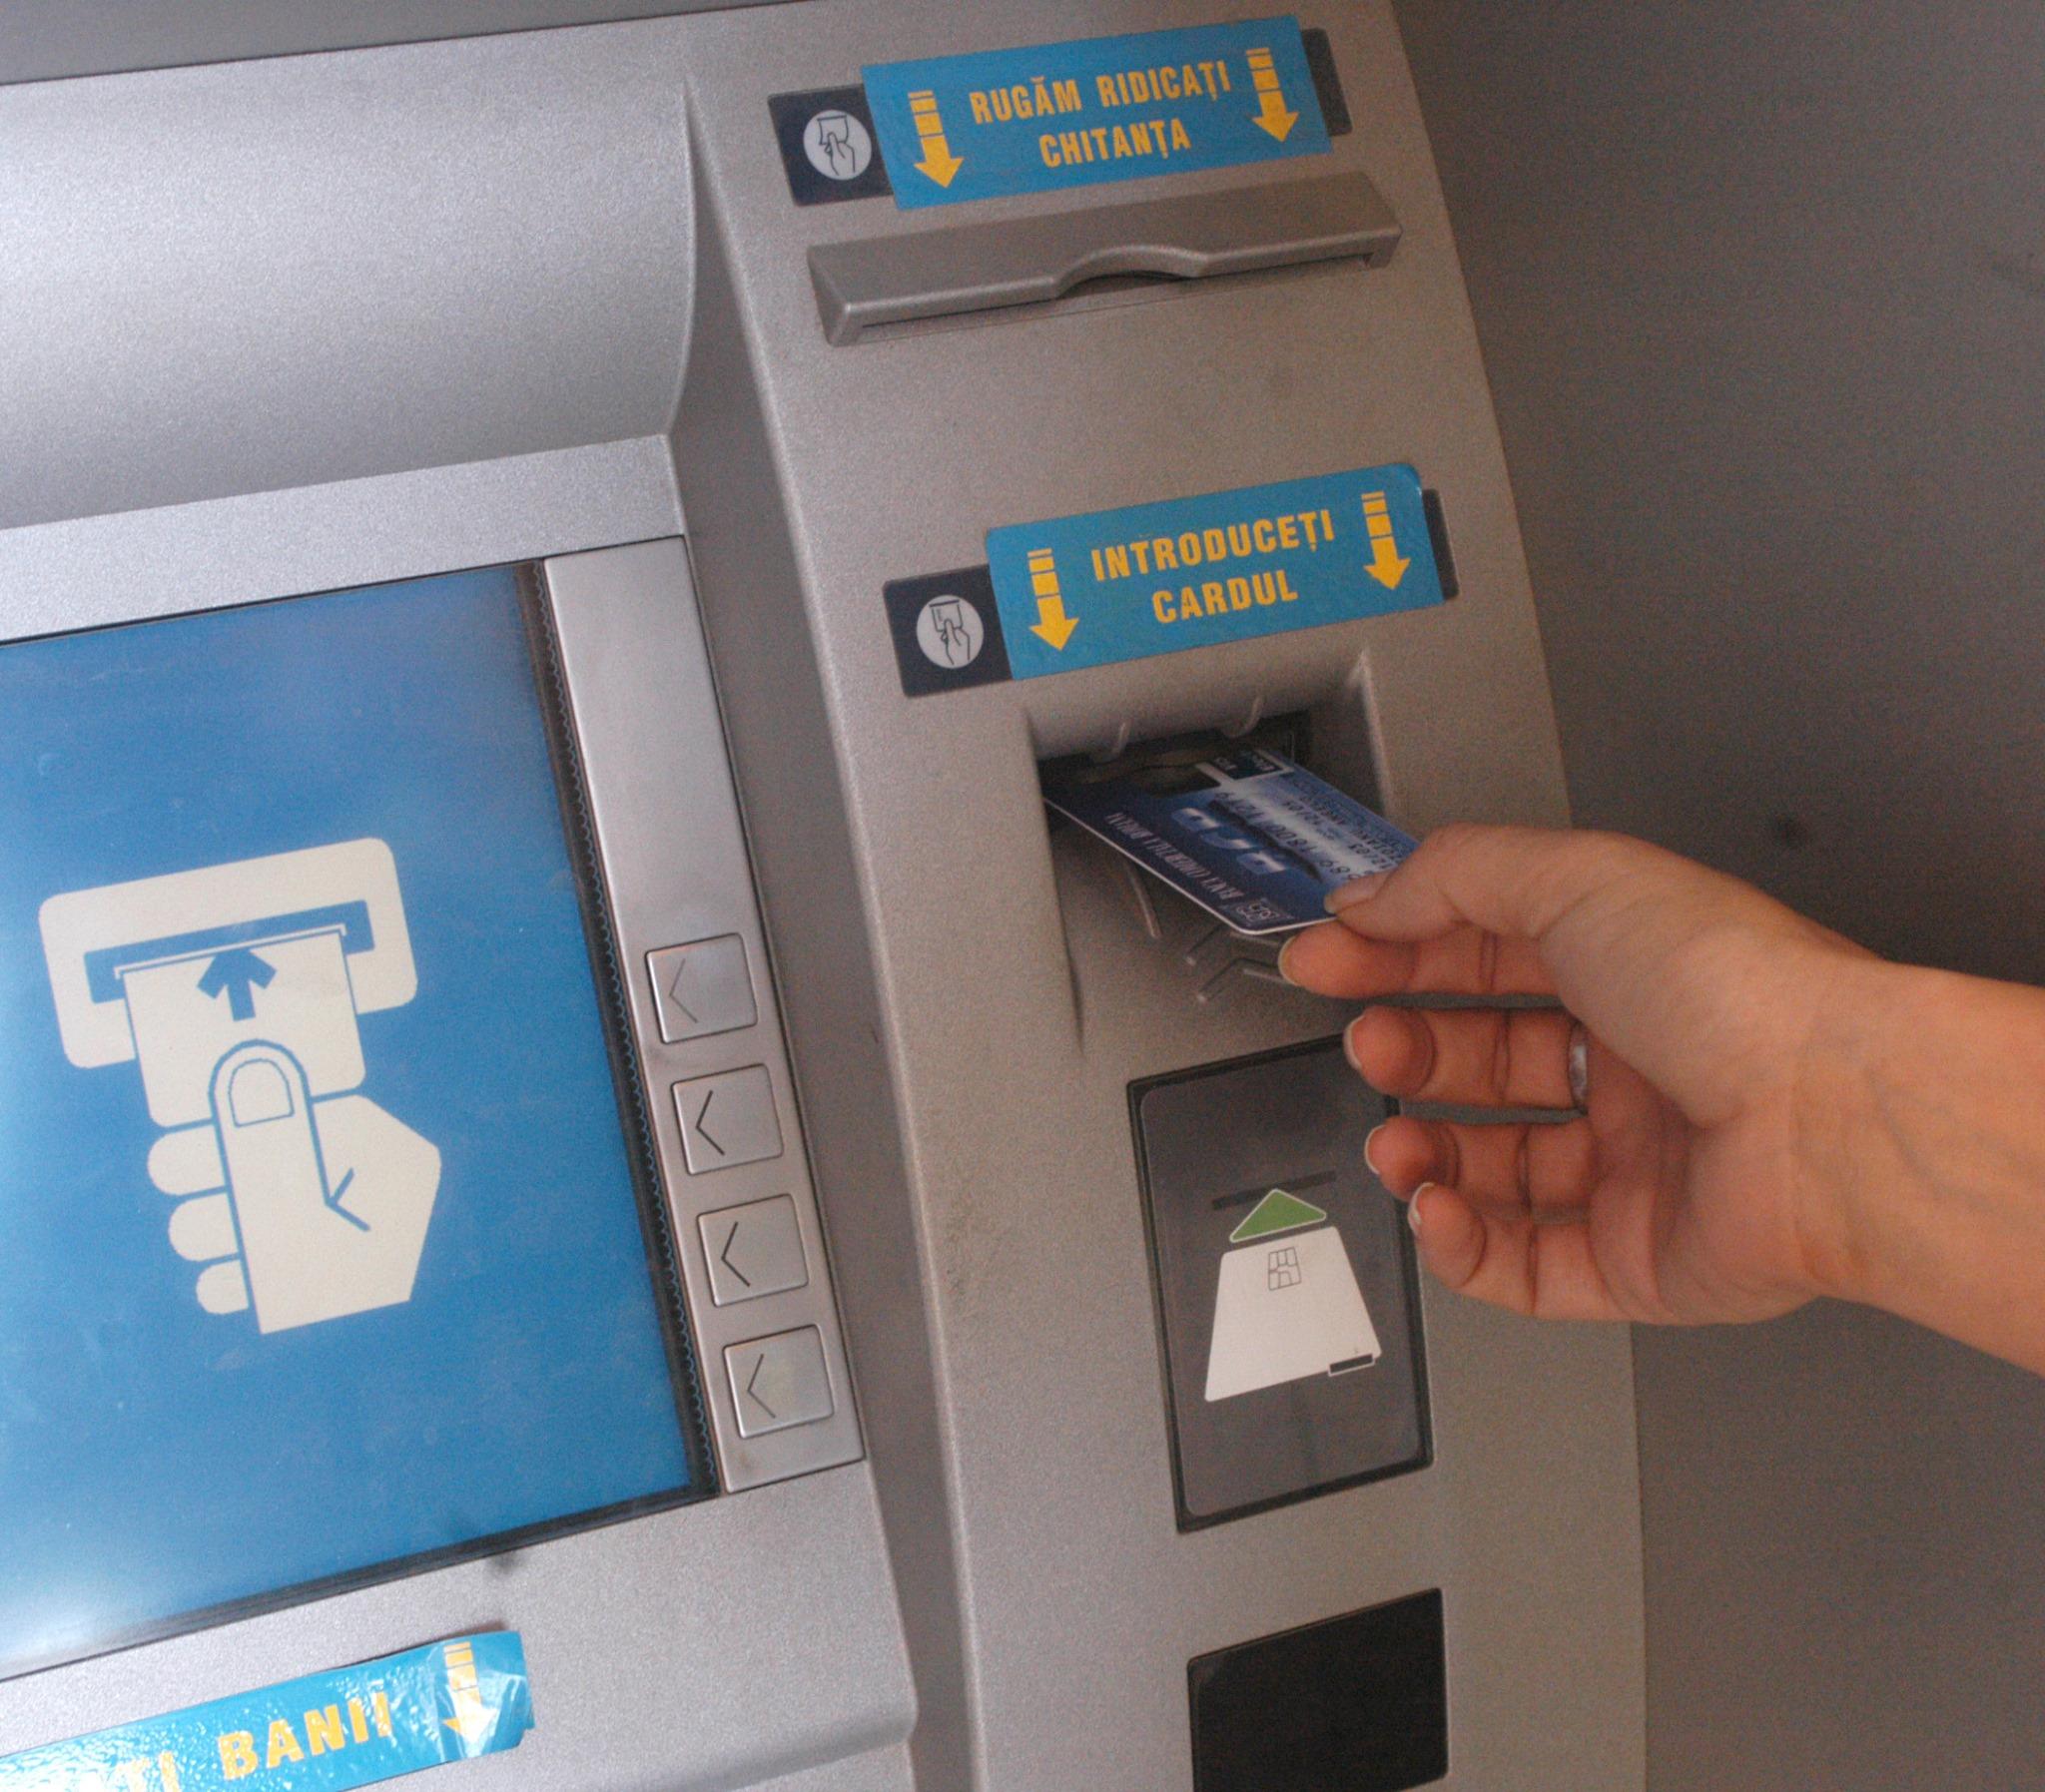 Un politist din Botosani a dus cu masina politiei un sofer care nu avea cash la el sa scoata bani de la bancomat pentru spaga